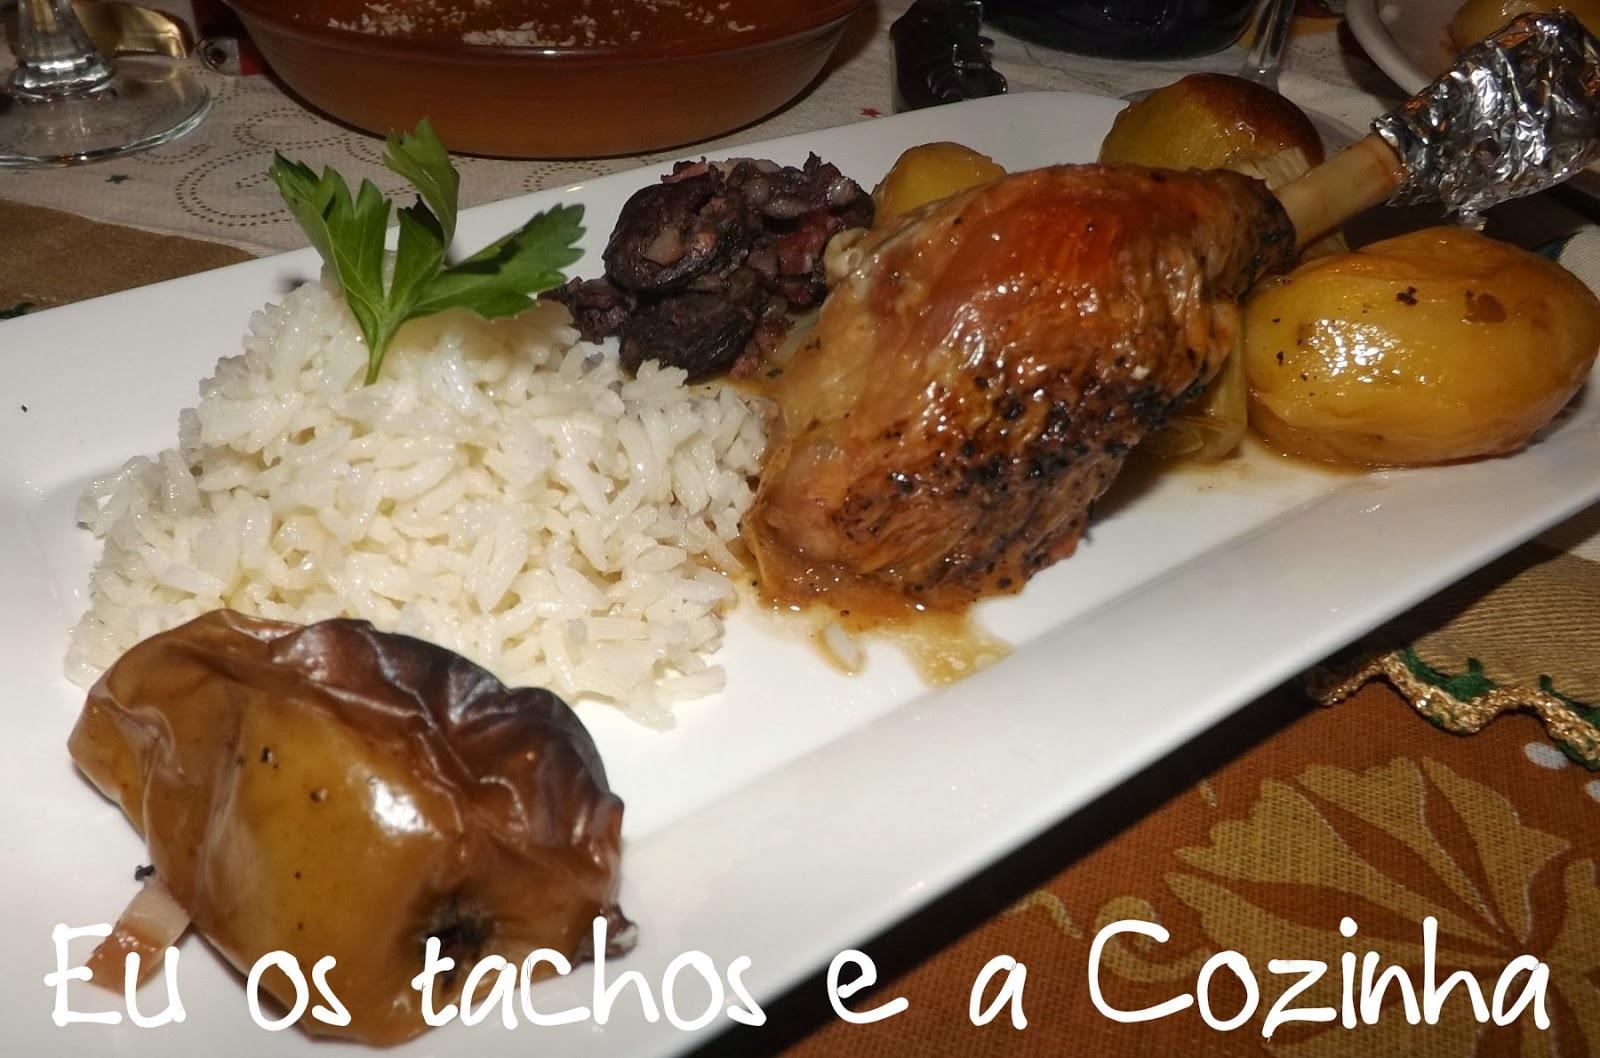 Peru no forno com morcela,bacon e maças